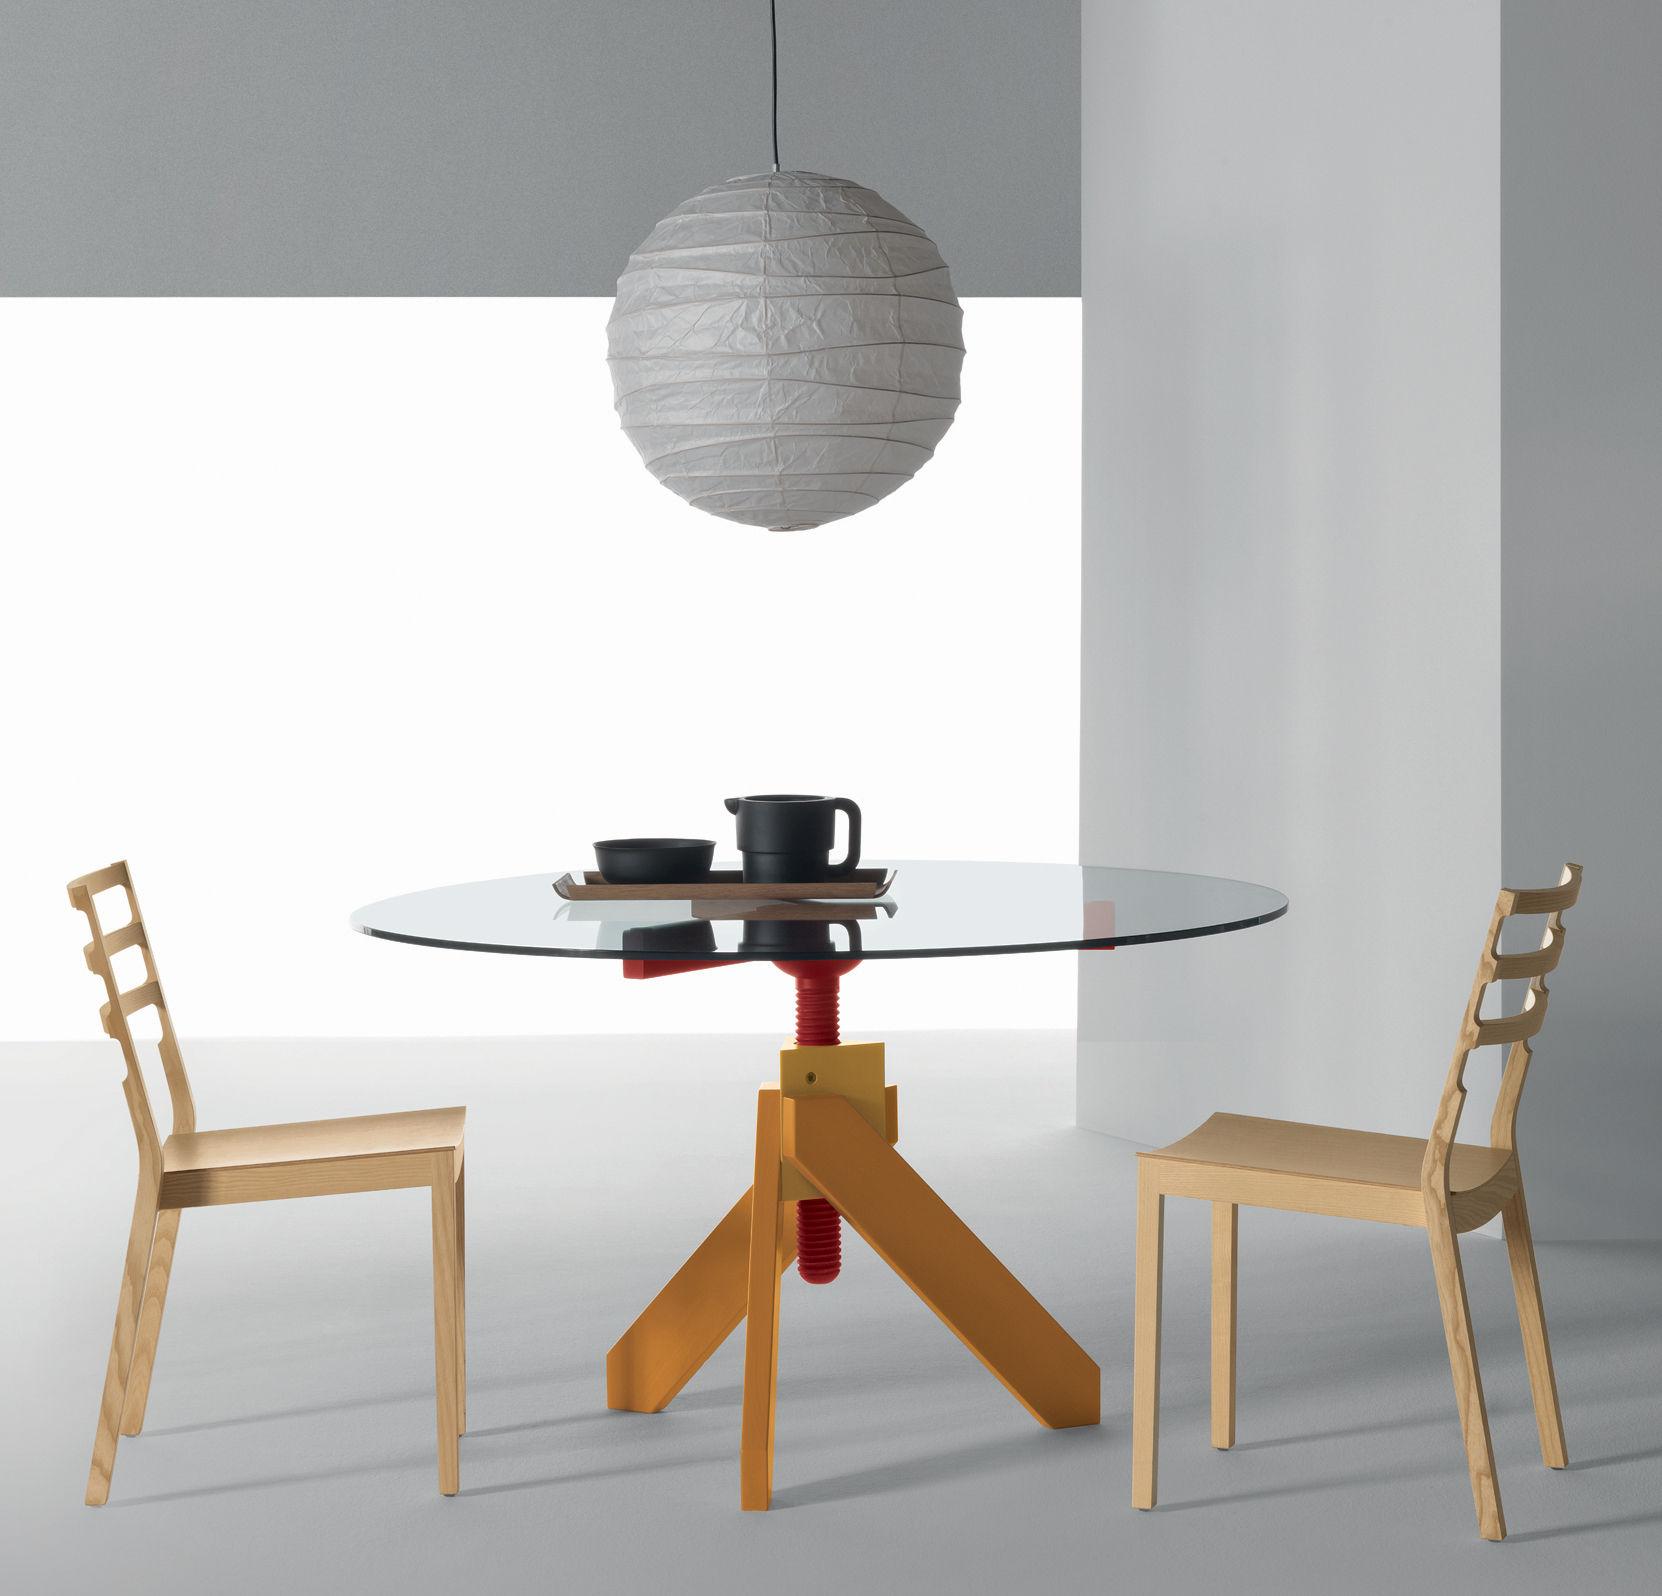 Scopri tavolo vidun altezza regolabile nero di de padova for Altezza tavolo